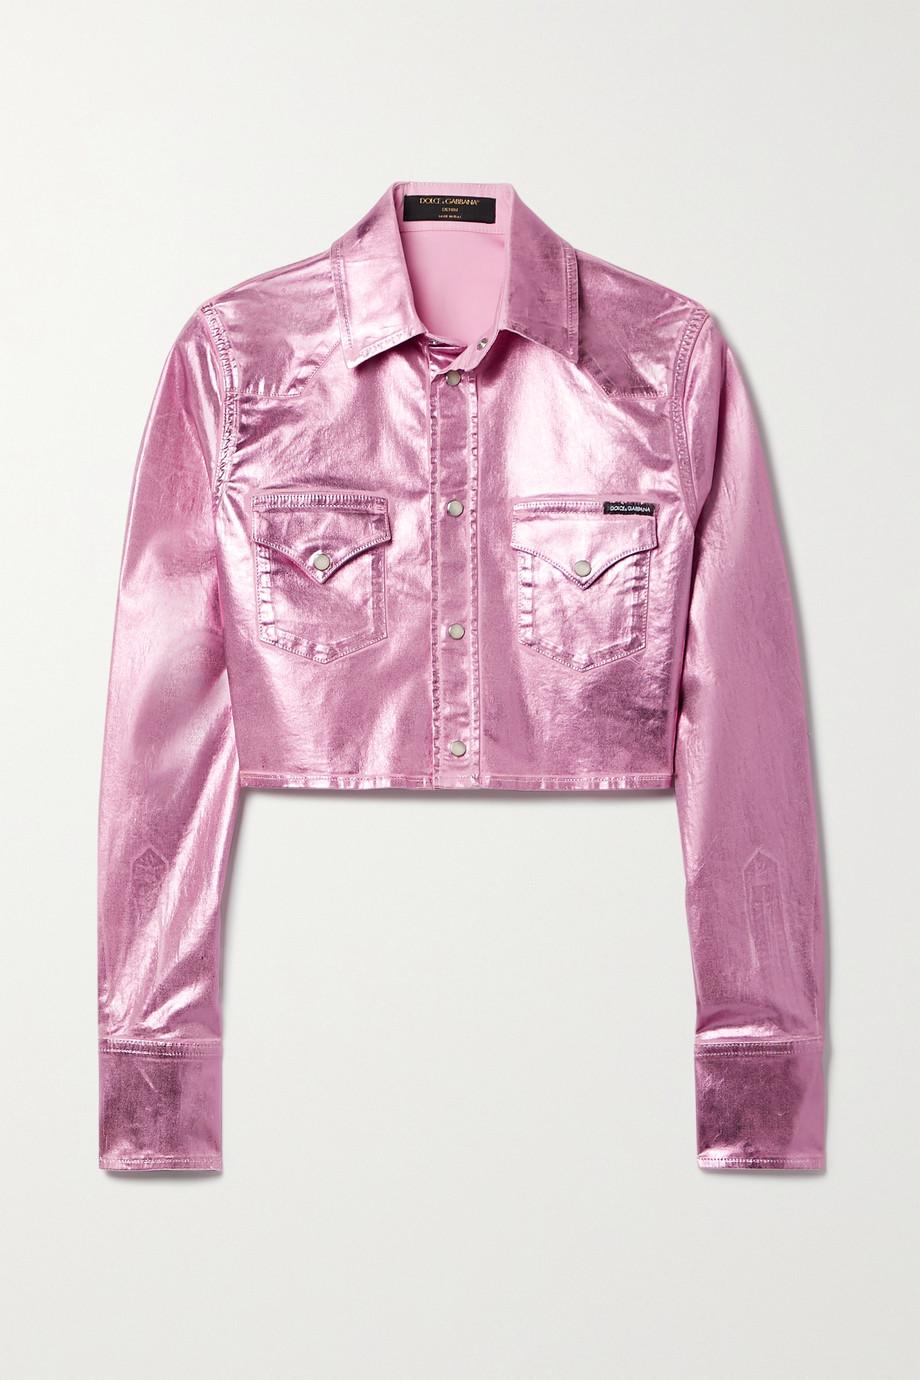 Dolce & Gabbana Pop verkürzte Jeansjacke mit Metallic-Beschichtung